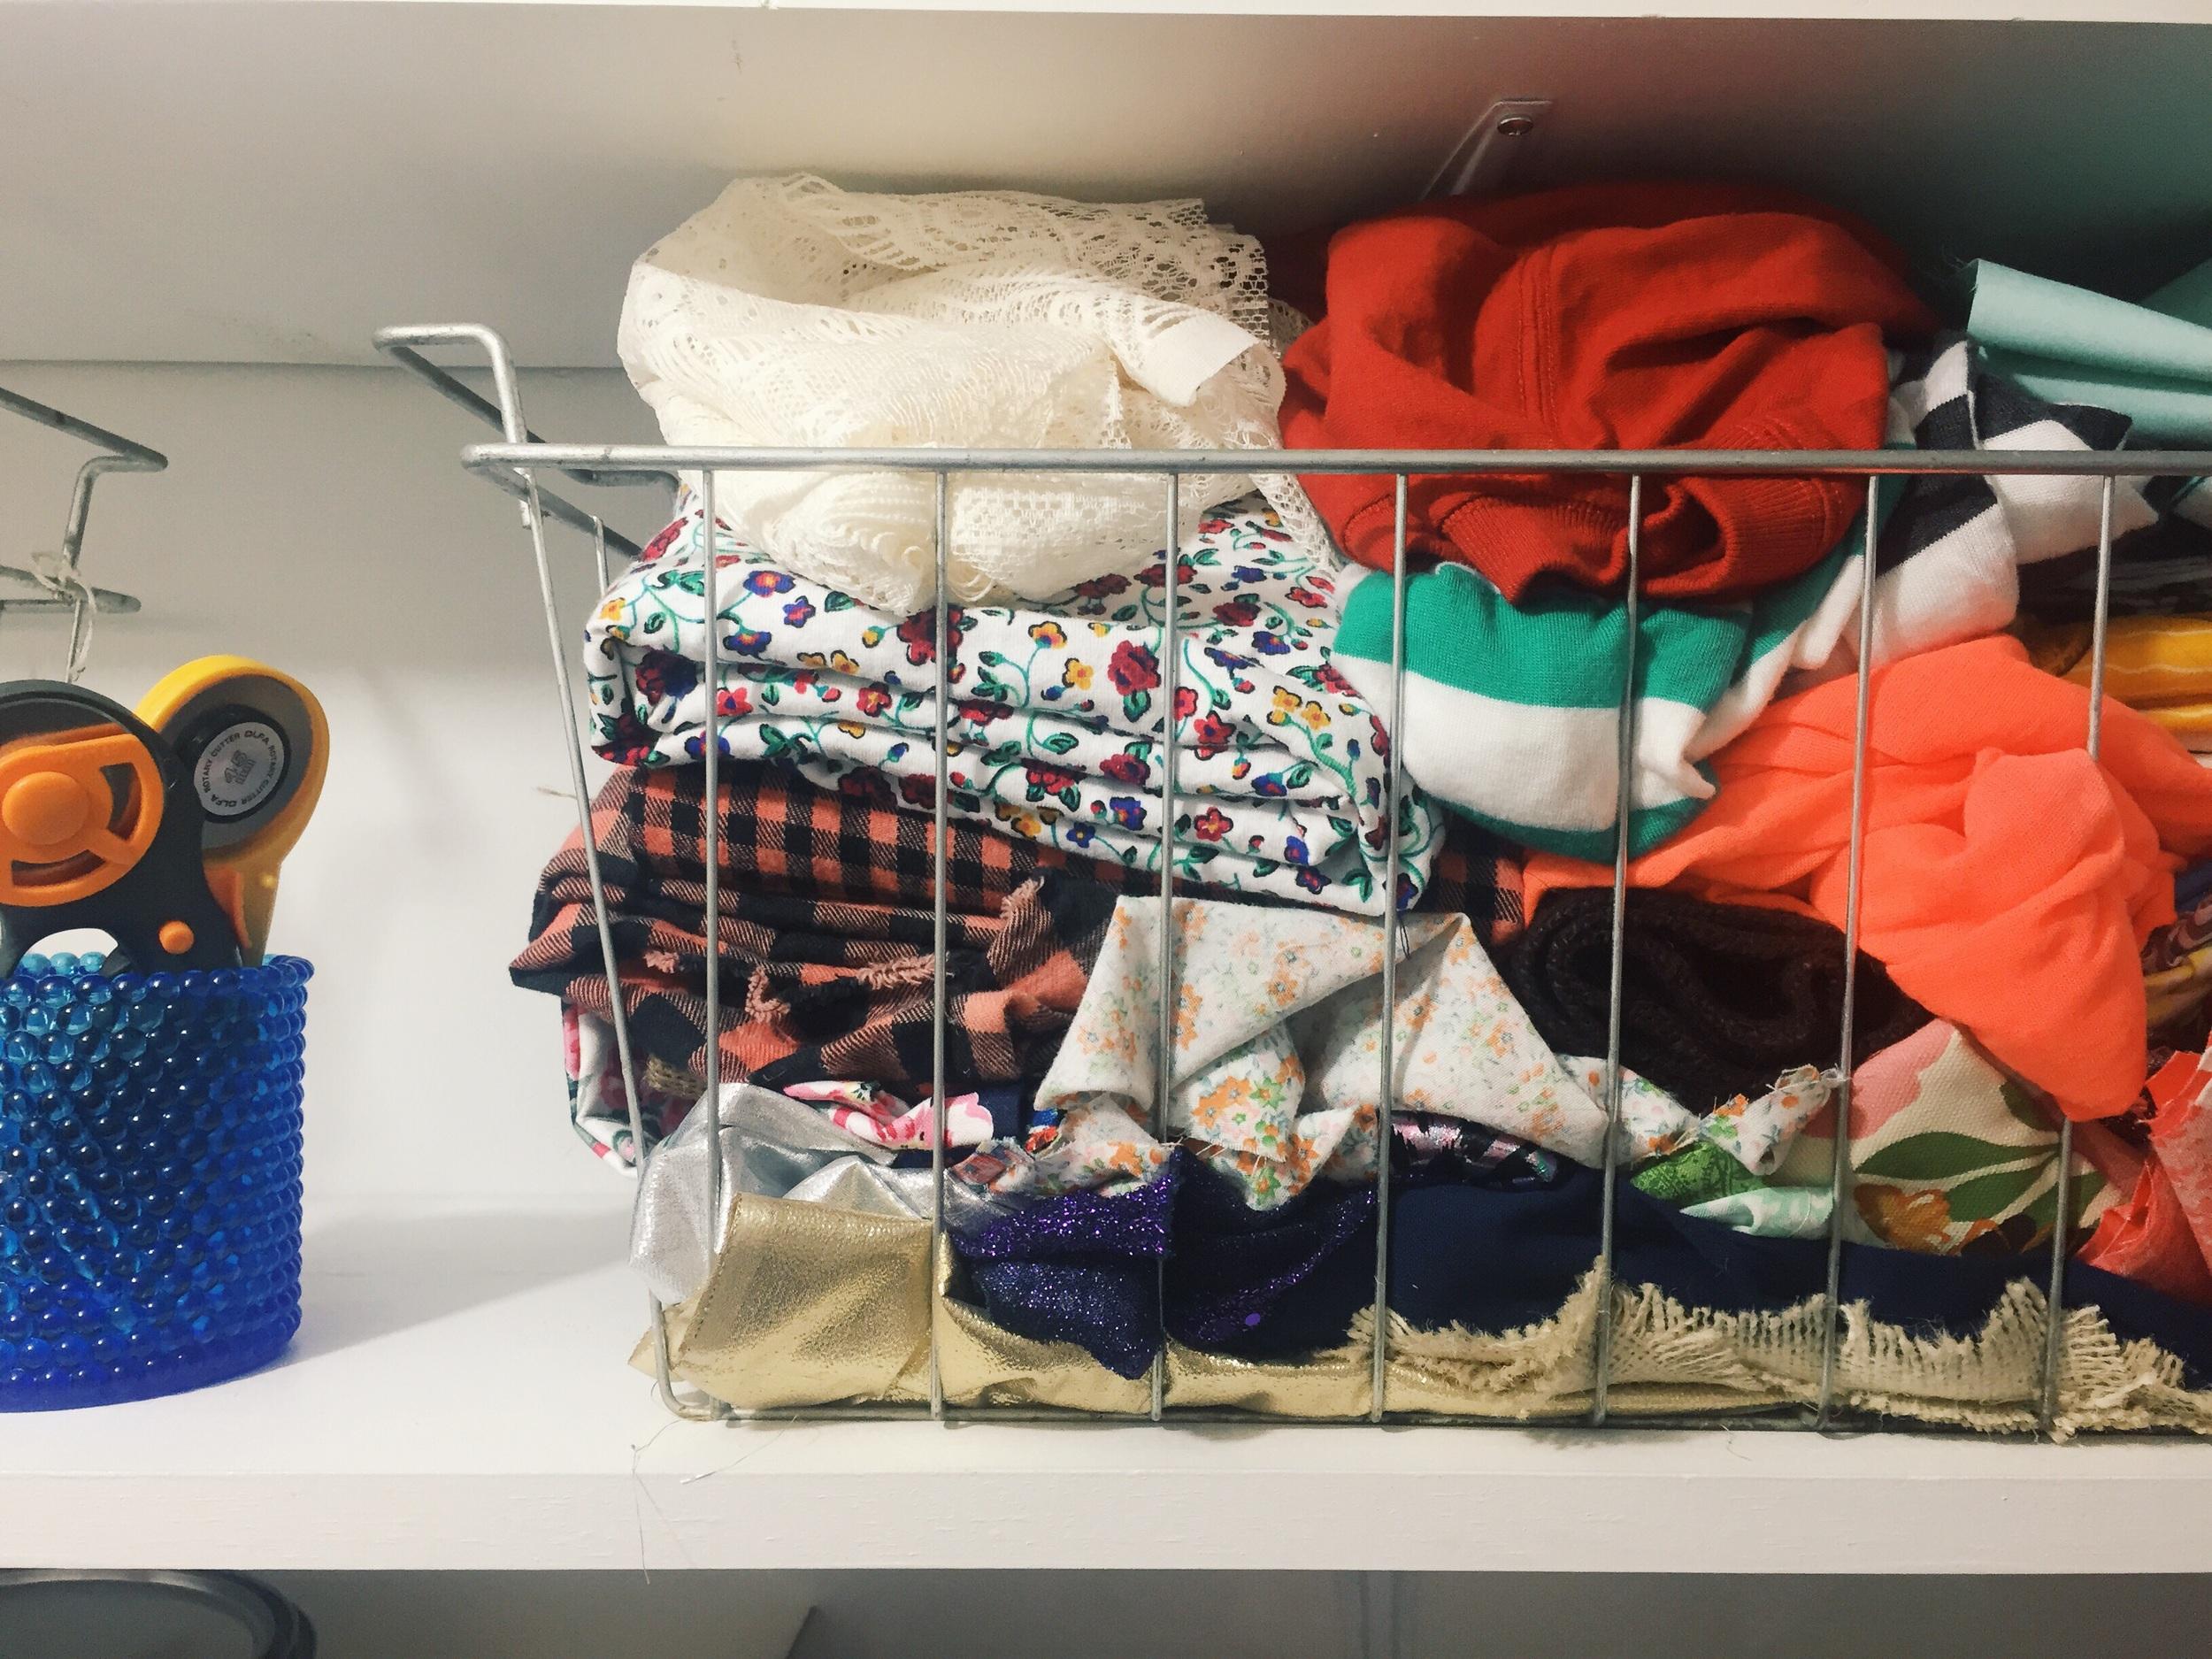 Tour: Craft Closet